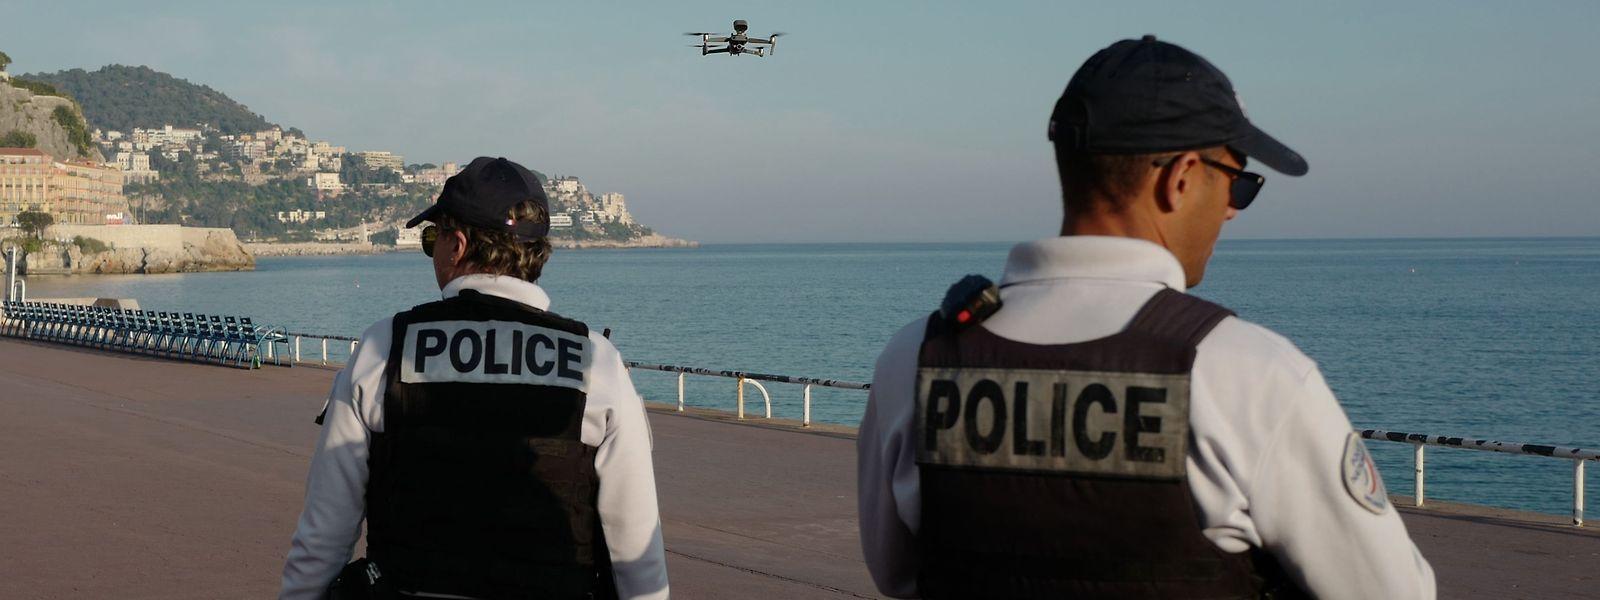 Die Beamten folgen der Drohne in sicherer Distanz.